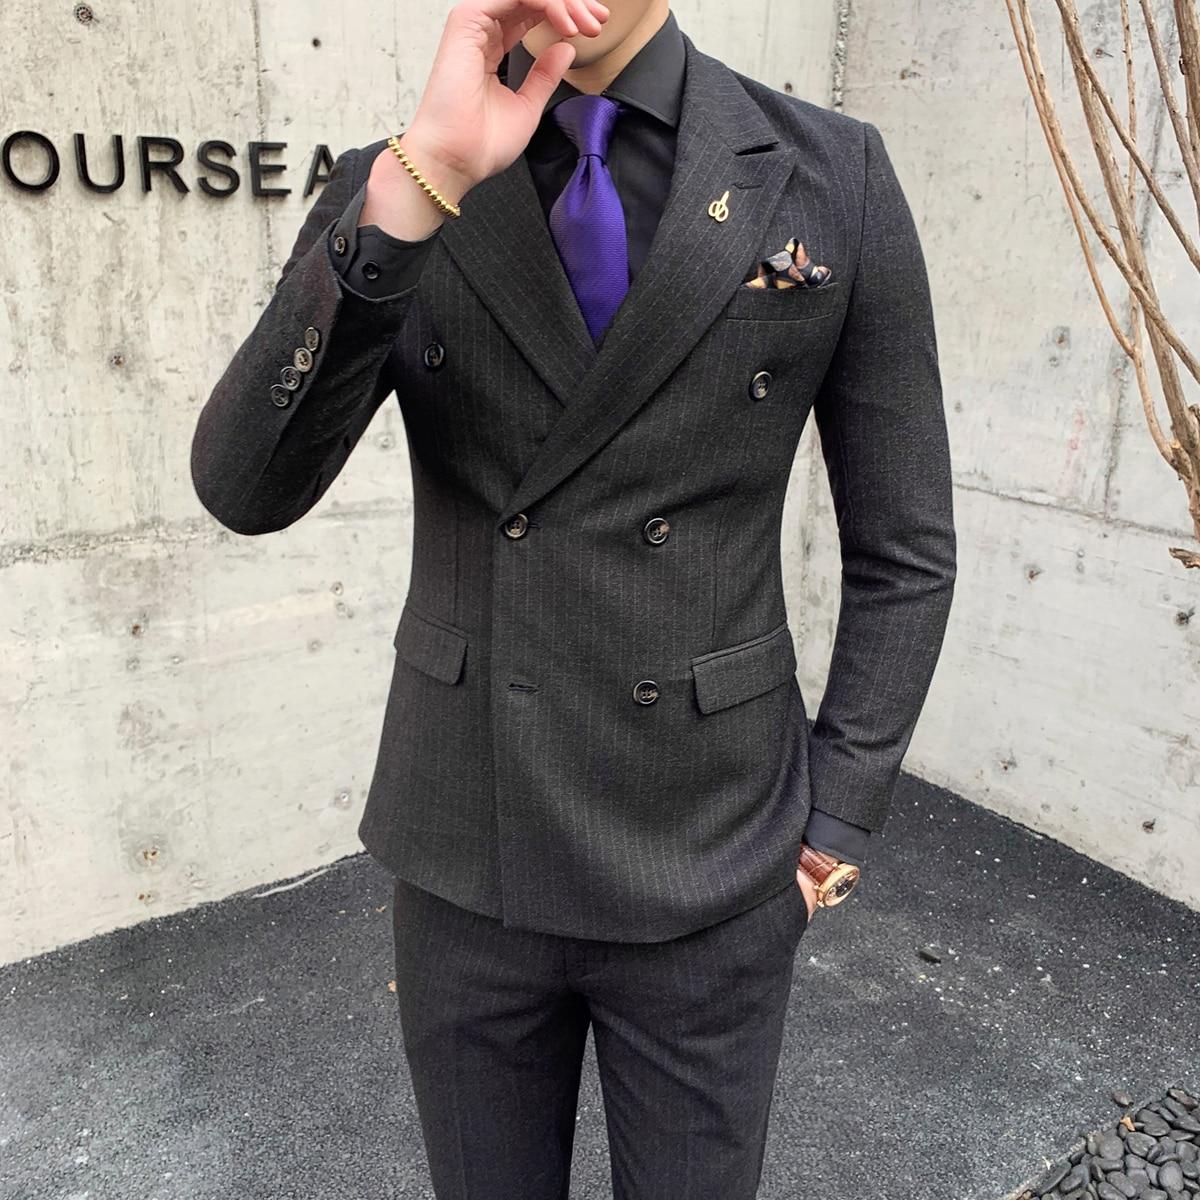 Slim De Rayé Pièce Breasted marine Affaires Costumes Terno Mens Double Masculino gris Hommes Smoking Mariage Social Pour 3 Noir Bleu bleu Gris Fit wvSq7x